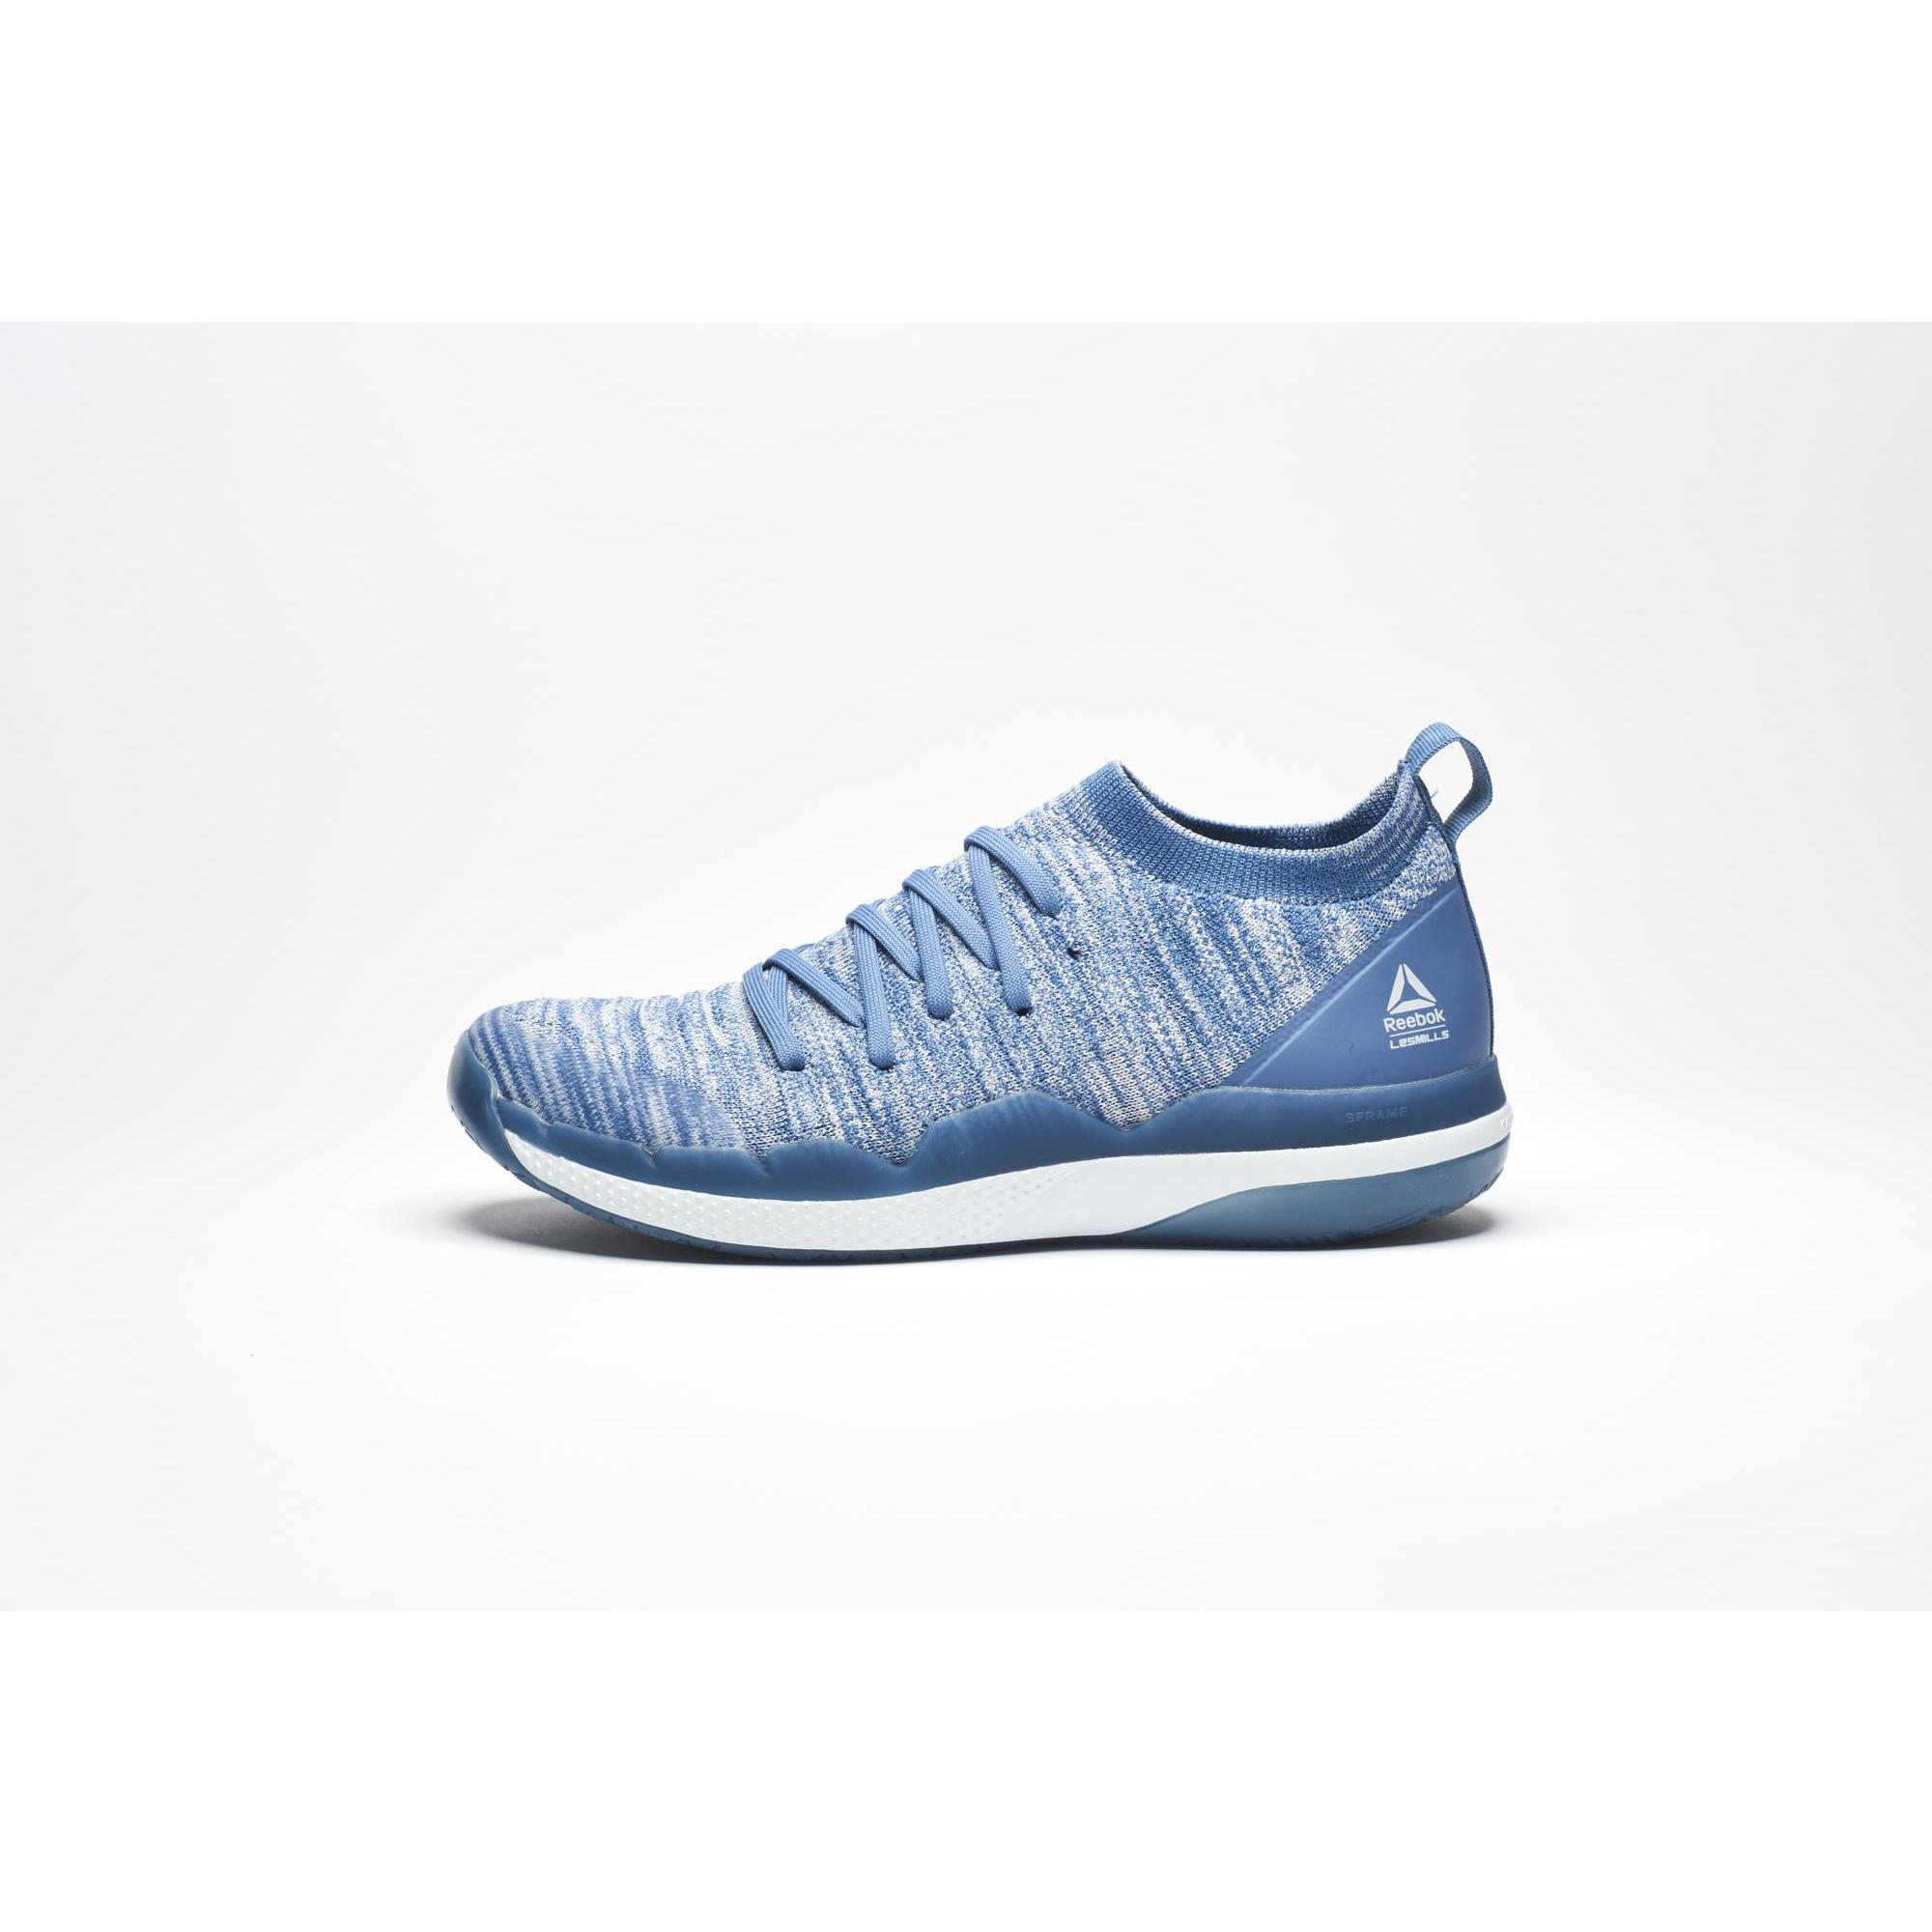 Chaussures femme Reebok Ultra Circuit Ultraknit Les Mills ... 45f3d78251